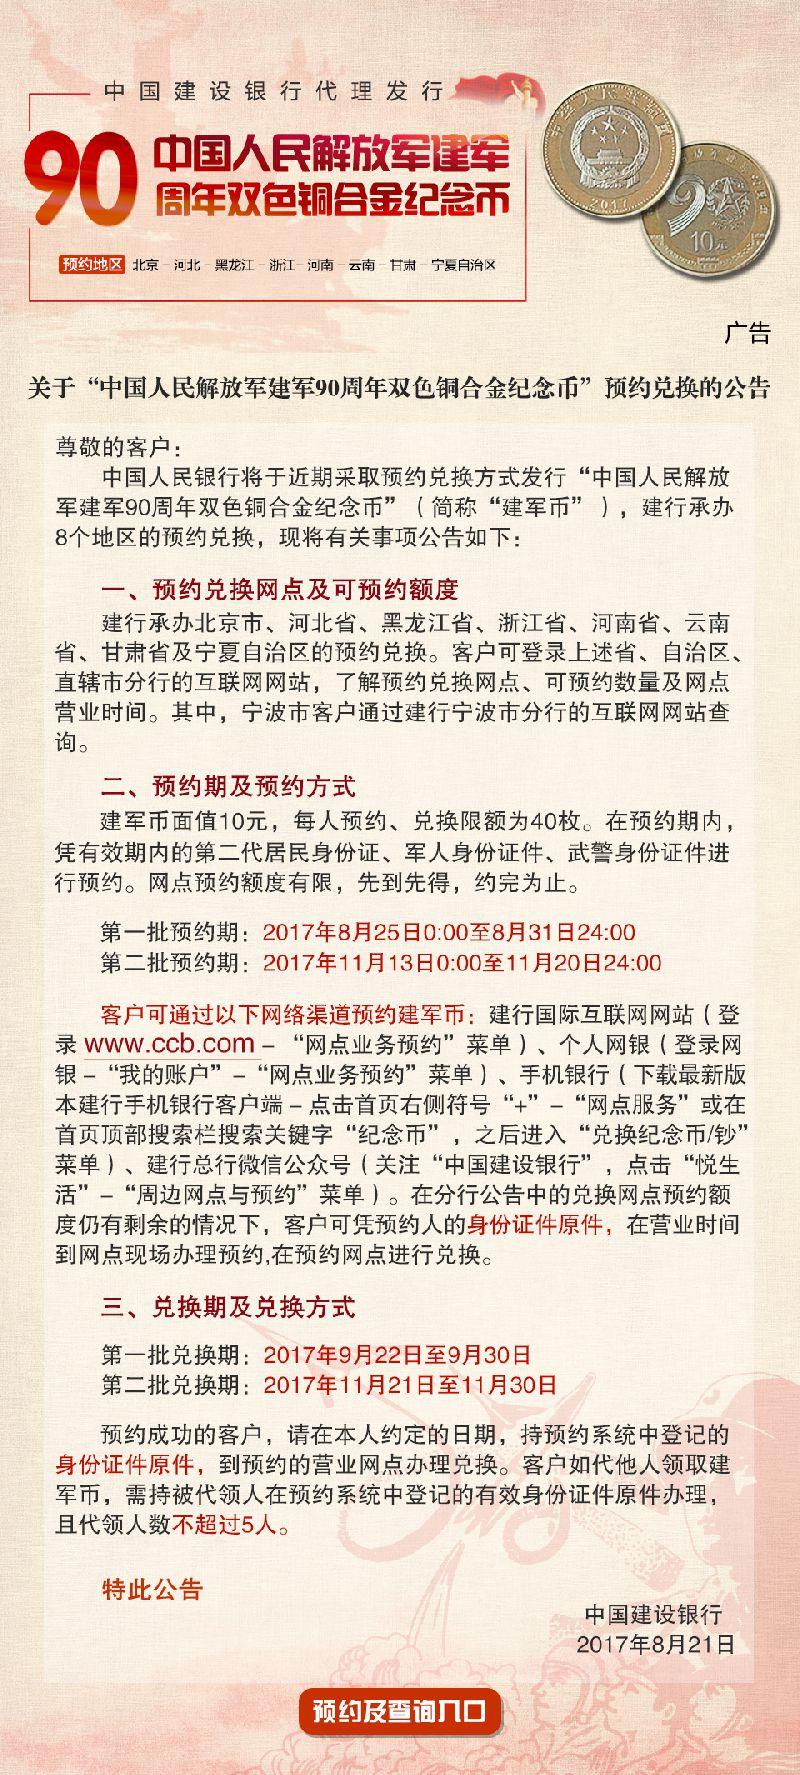 中国建设银行建军纪念币网上预约地址入口一览